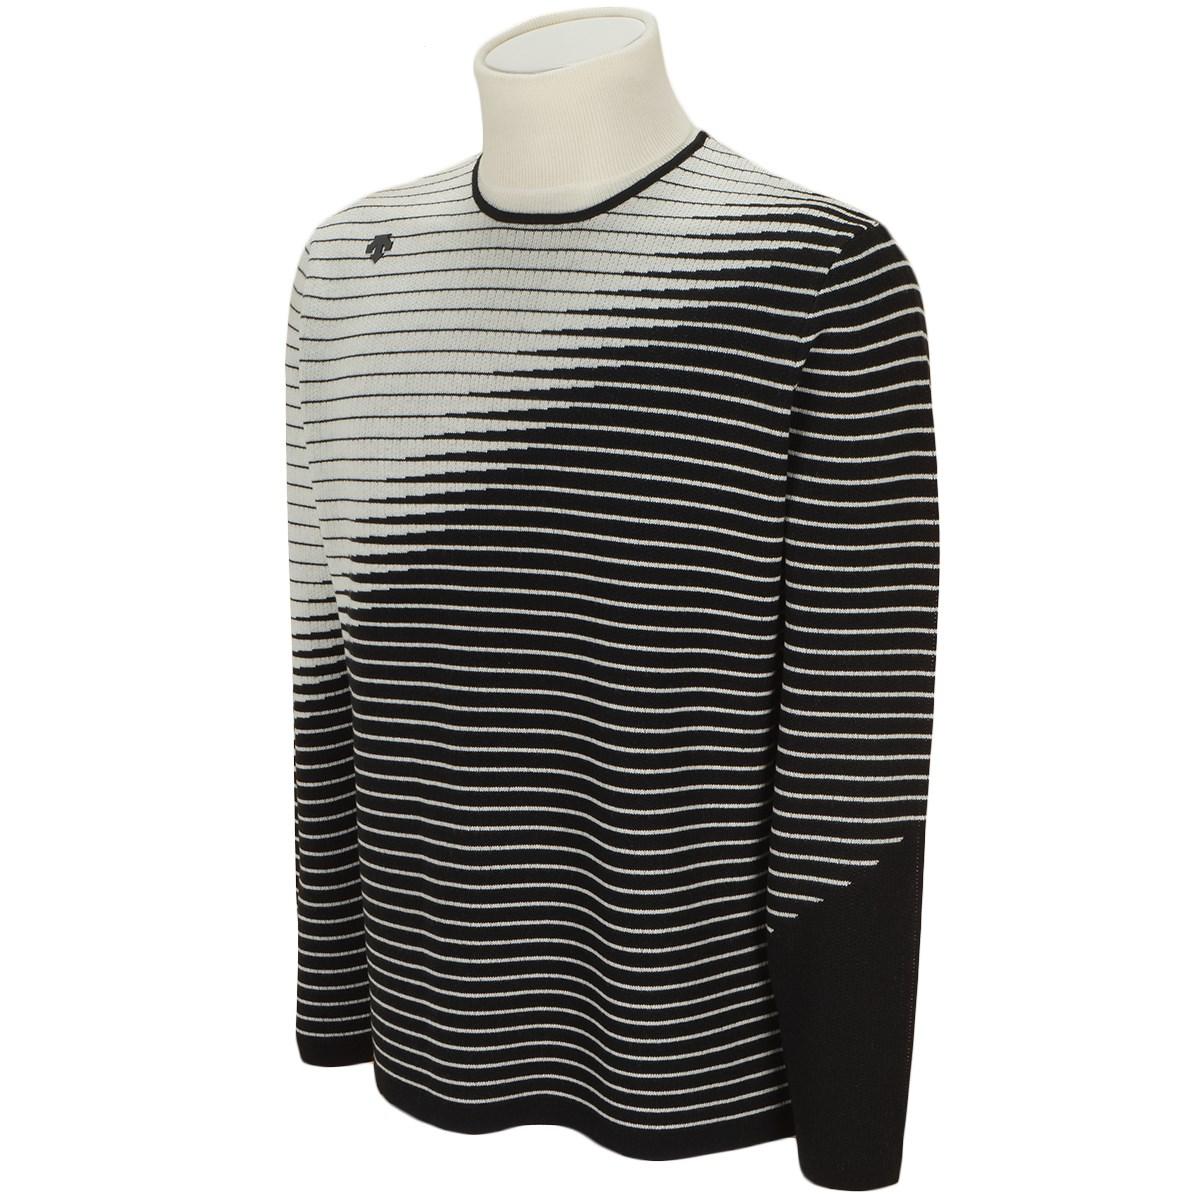 デサントゴルフ(DESCENTE GOLF) ライジングジャカード ラインデザインセーター